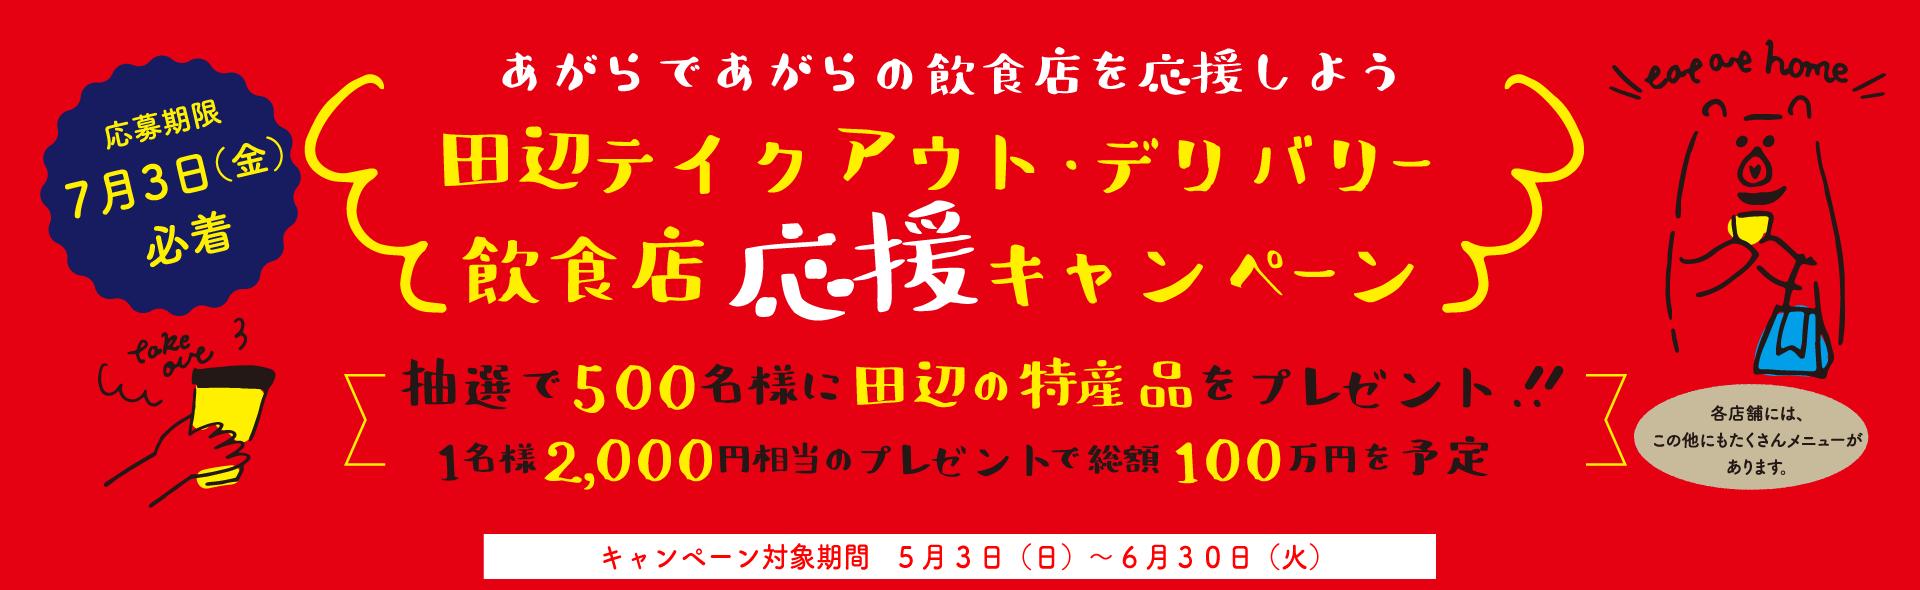 [田辺観光協会]田辺テイクアウト・デリバリー 飲食店応援キャンペーン